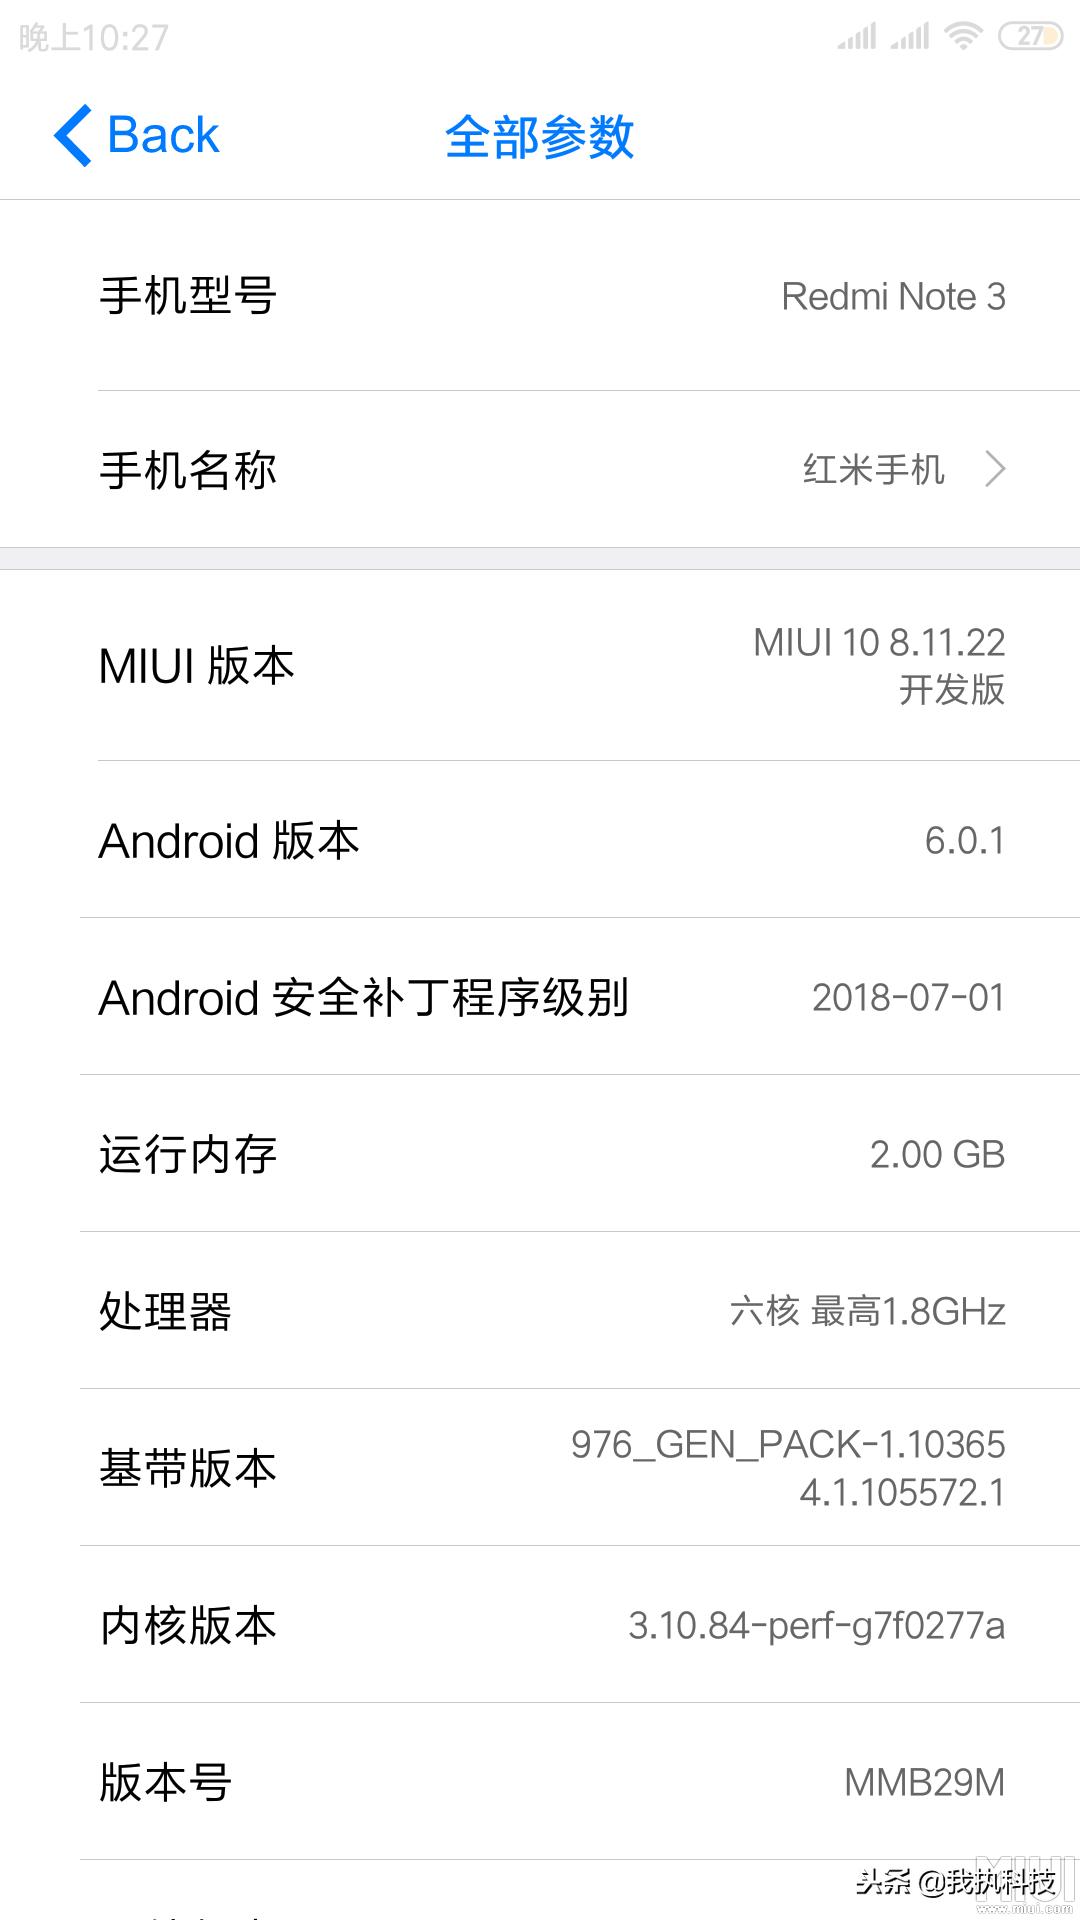 红米noteNote3三网通最后一个开发版8.11.22版本号公布,安卓系统6.0.1